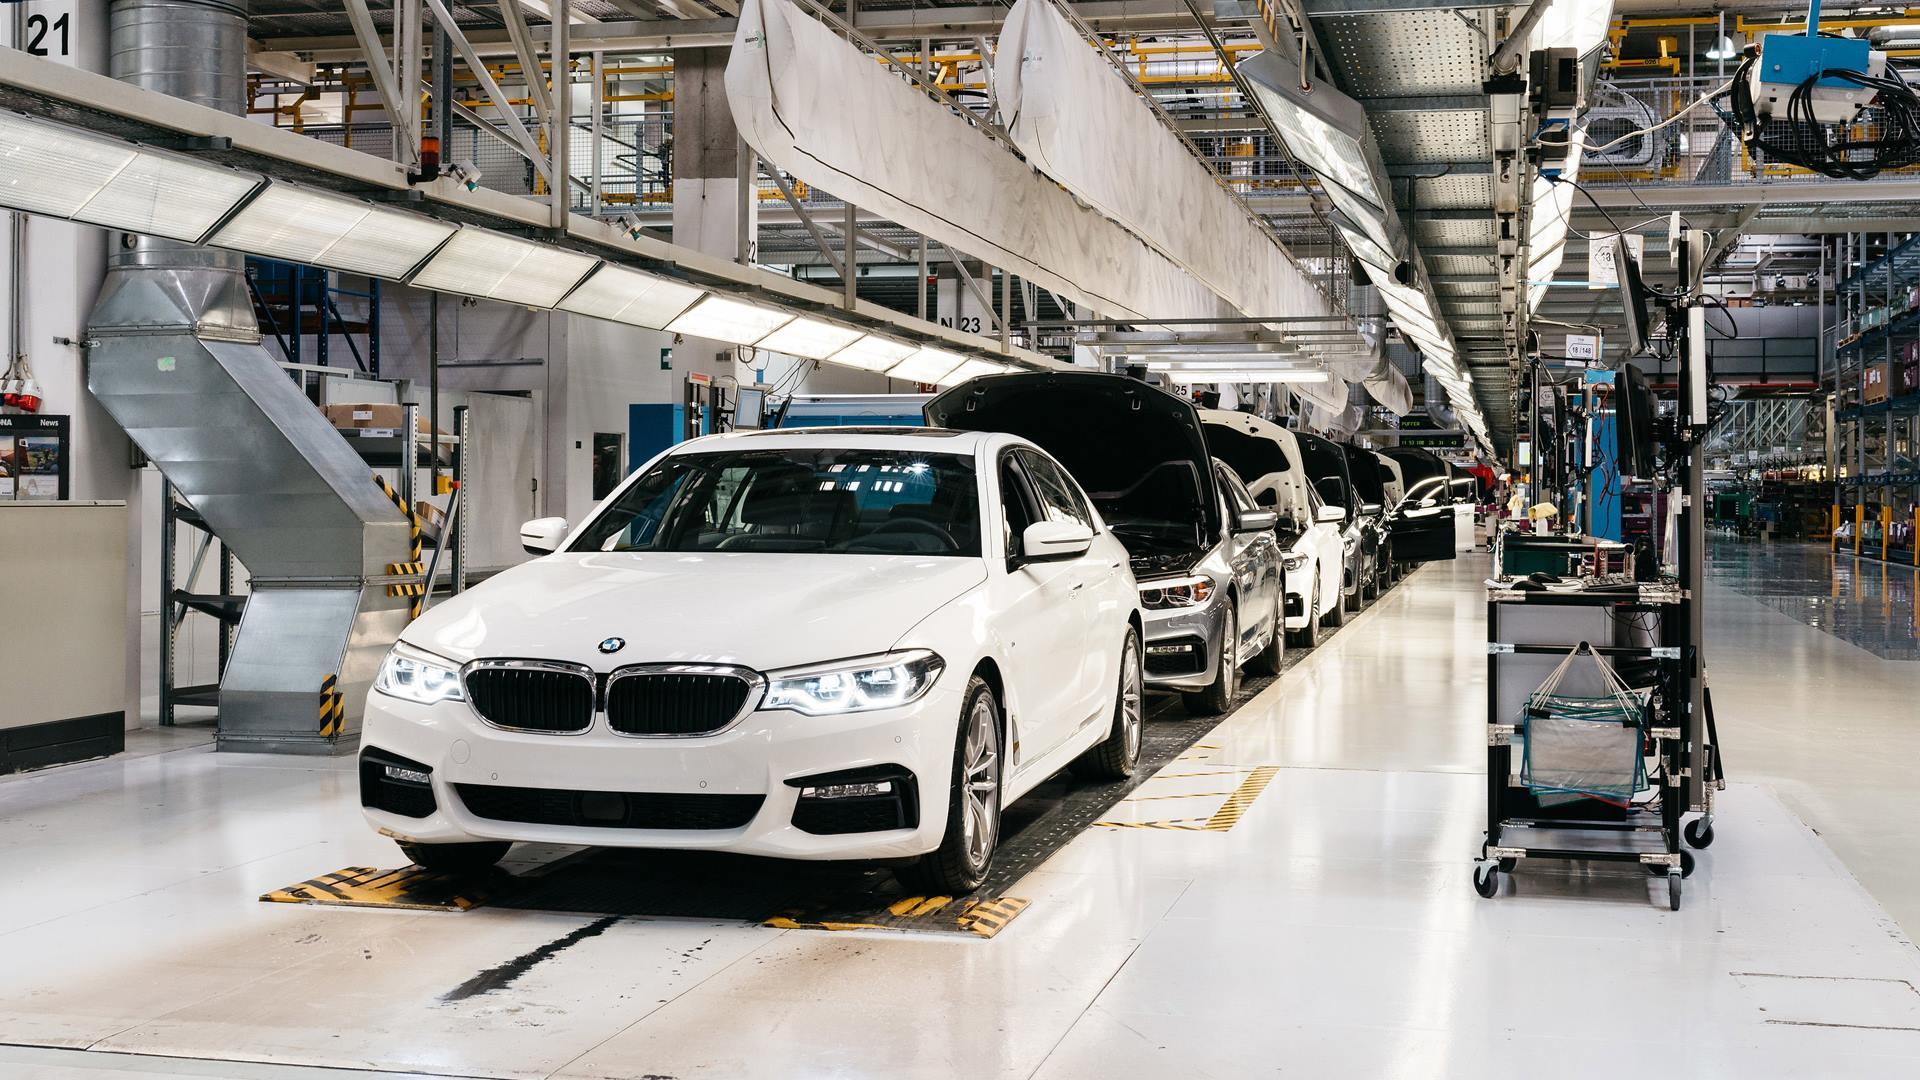 Bmw 5er Produktion Bei Magna In Graz Angelaufen Alles Auto